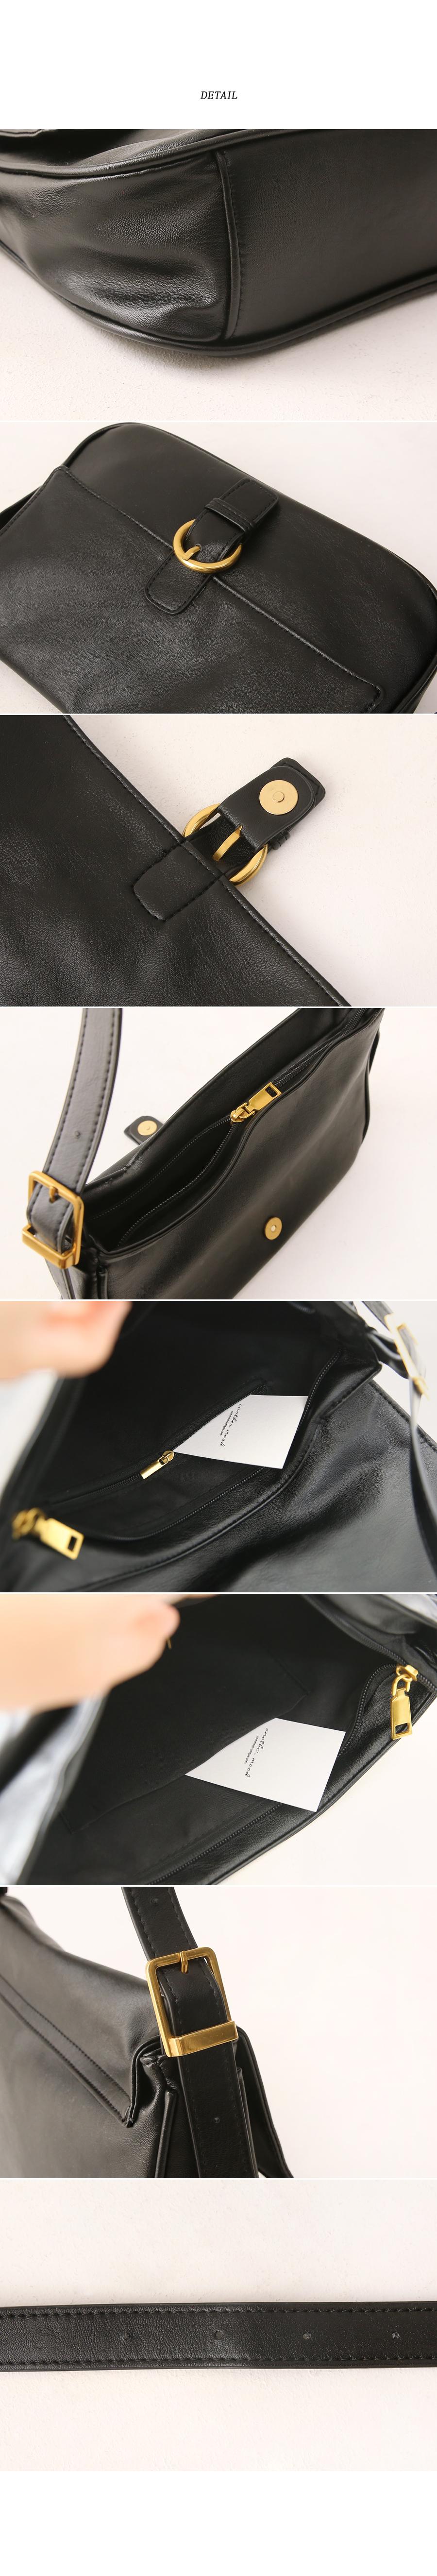 MELLD SQUARE BUCKLE SHOULDER BAG